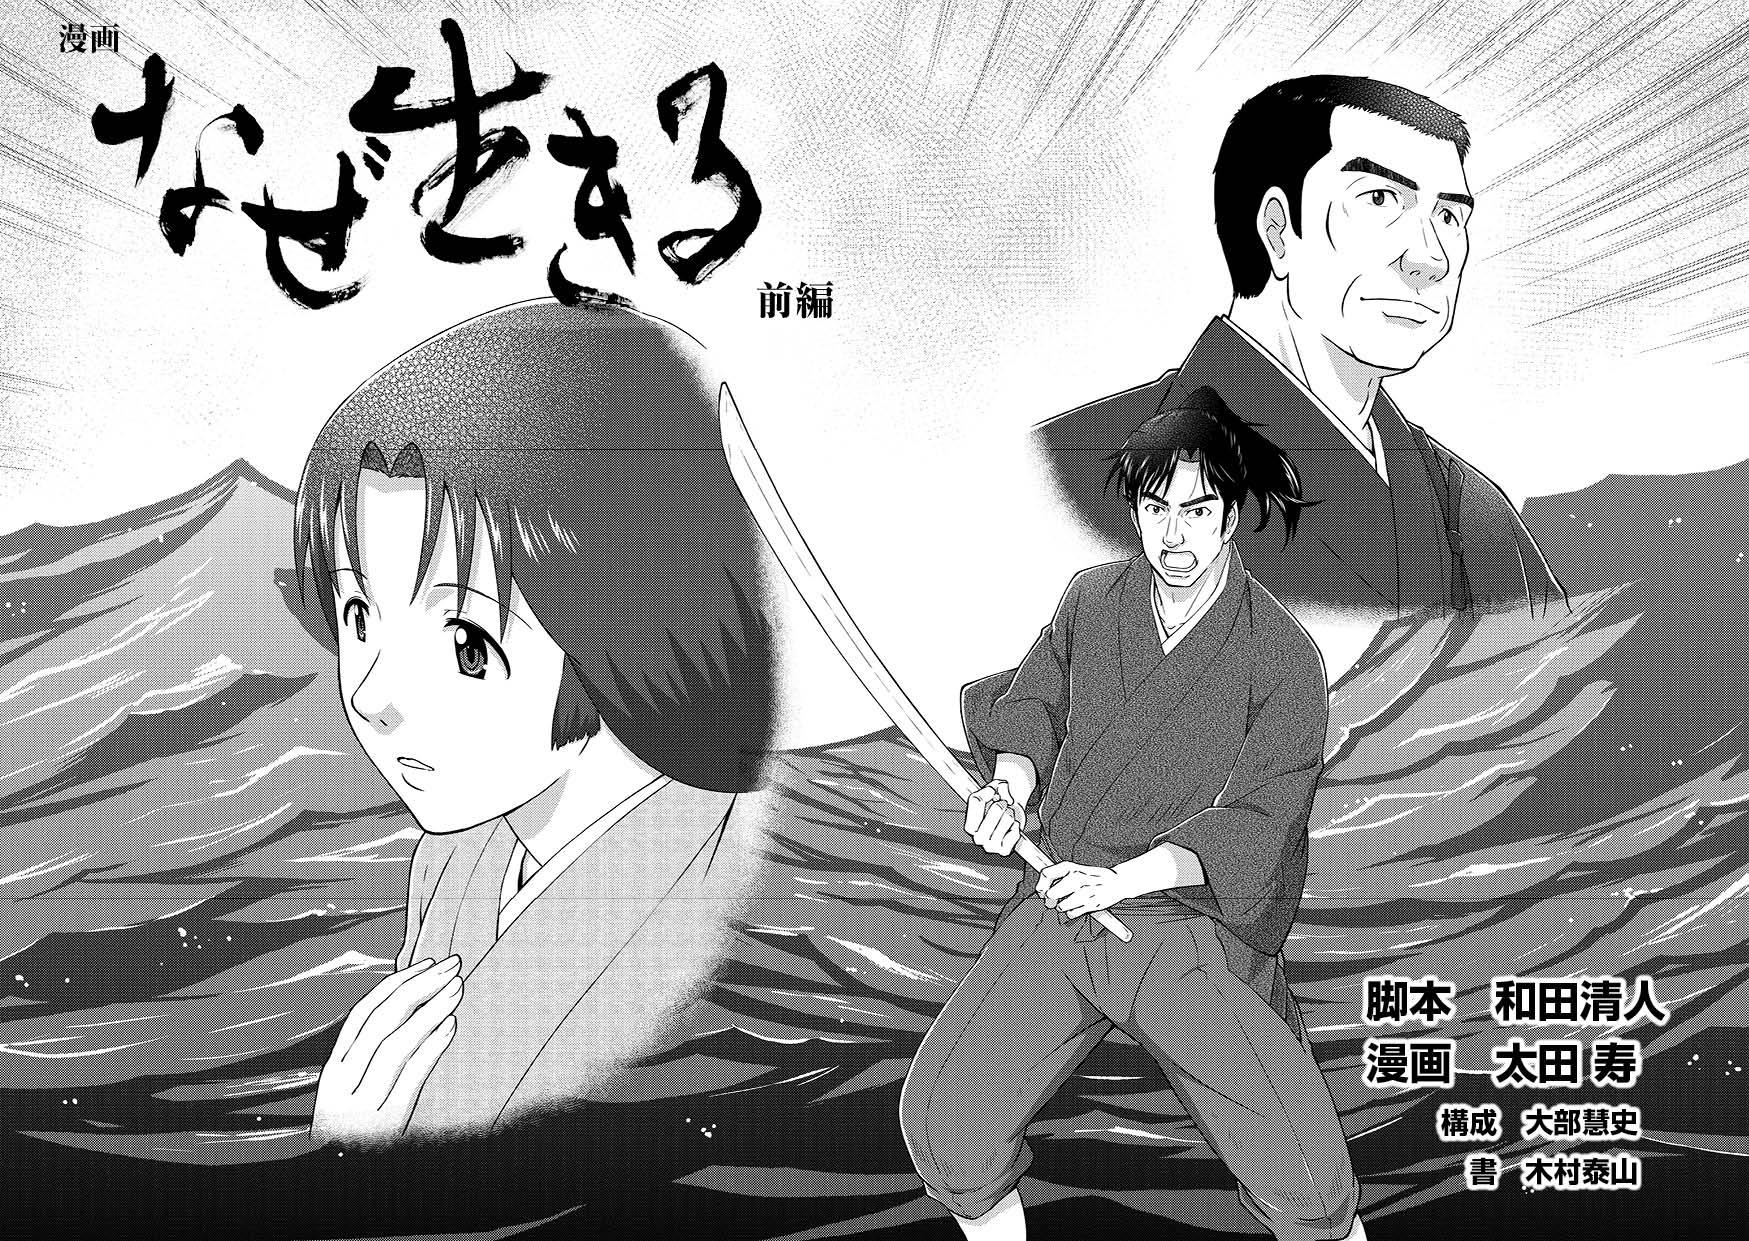 『漫画 なぜ生きる~蓮如上人と吉崎炎上』を試し読みの画像1